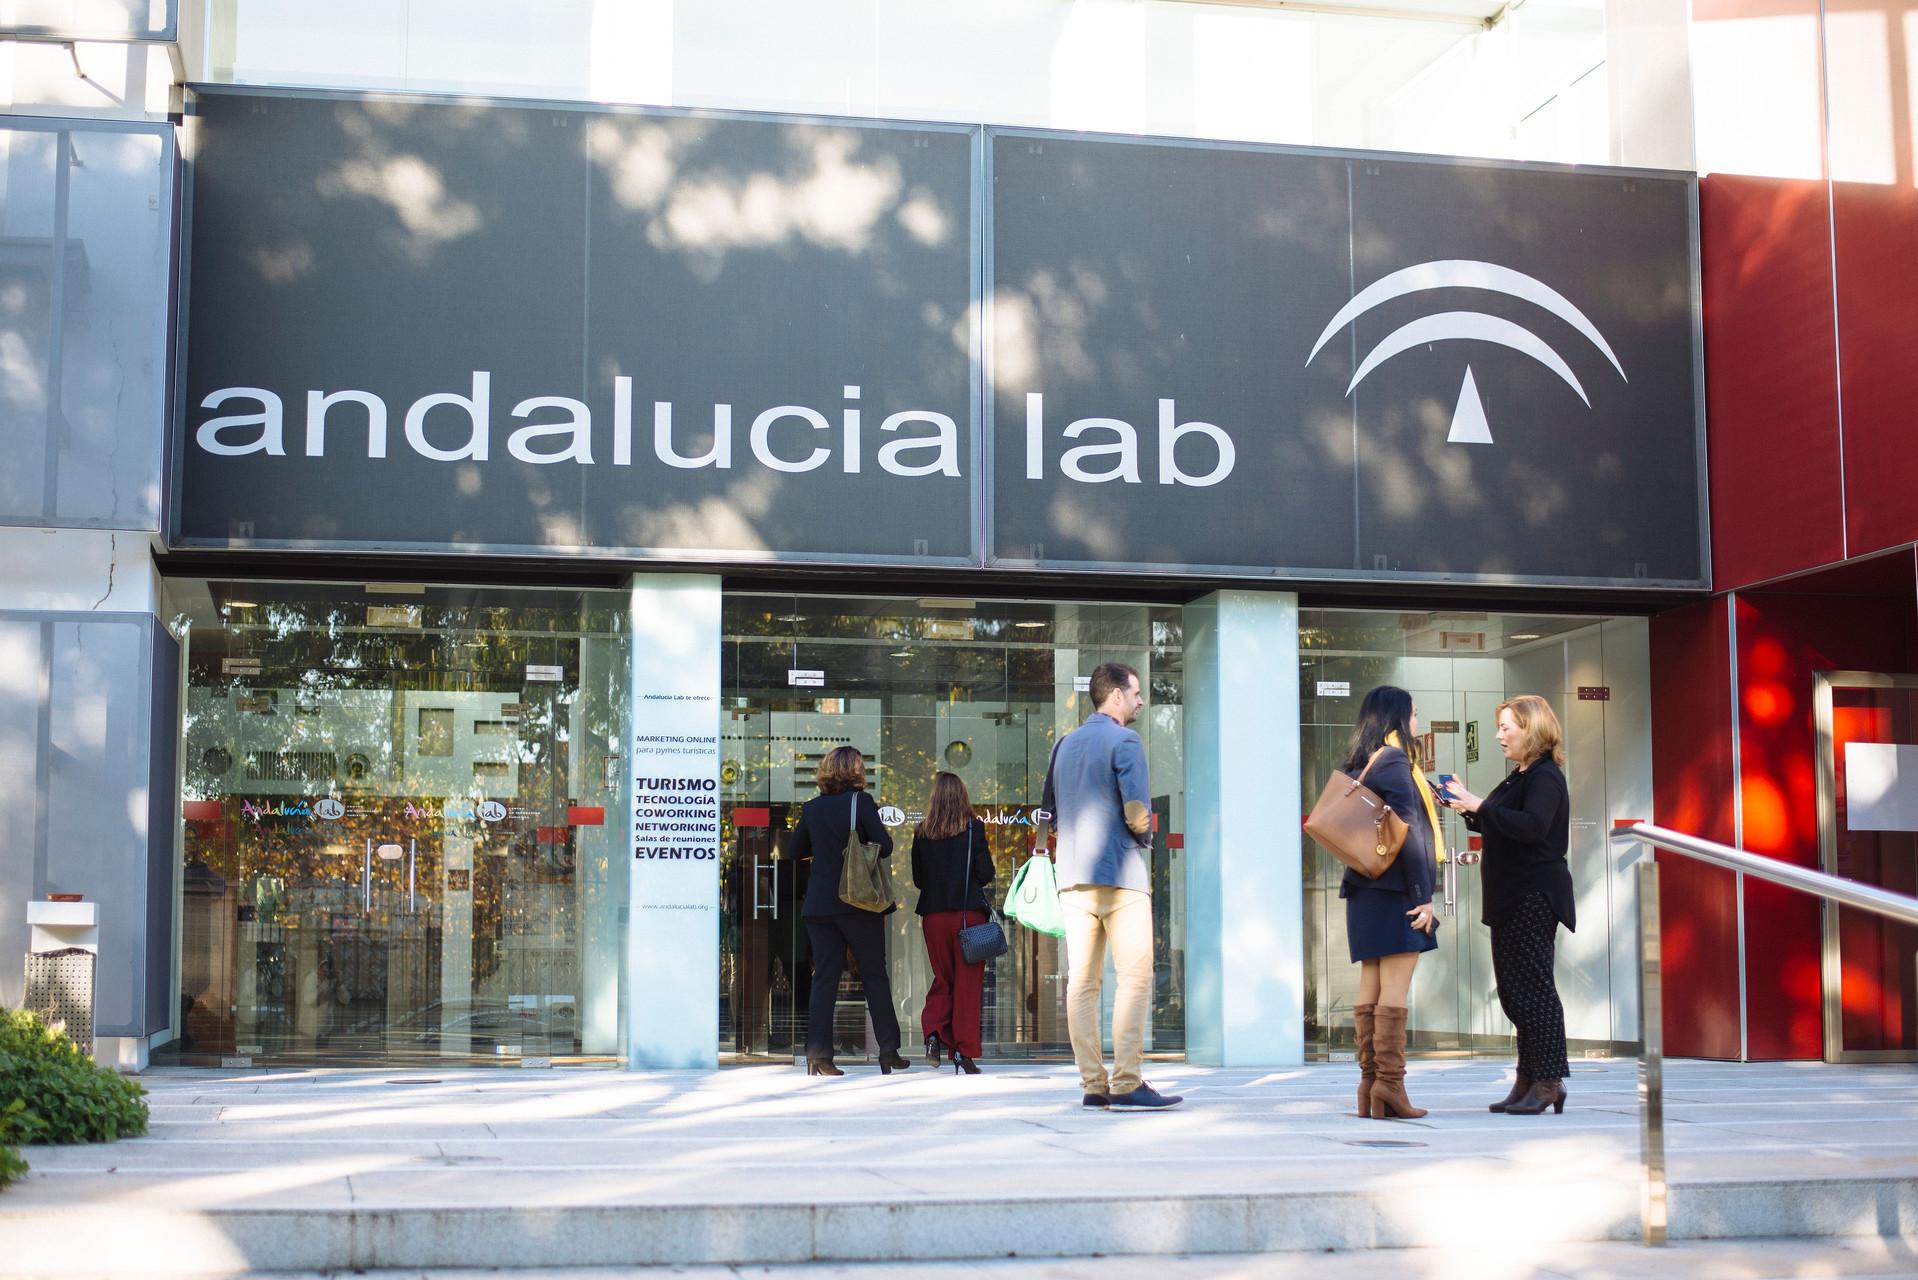 Andalucía Lab, sede de grandes eventos innovadores